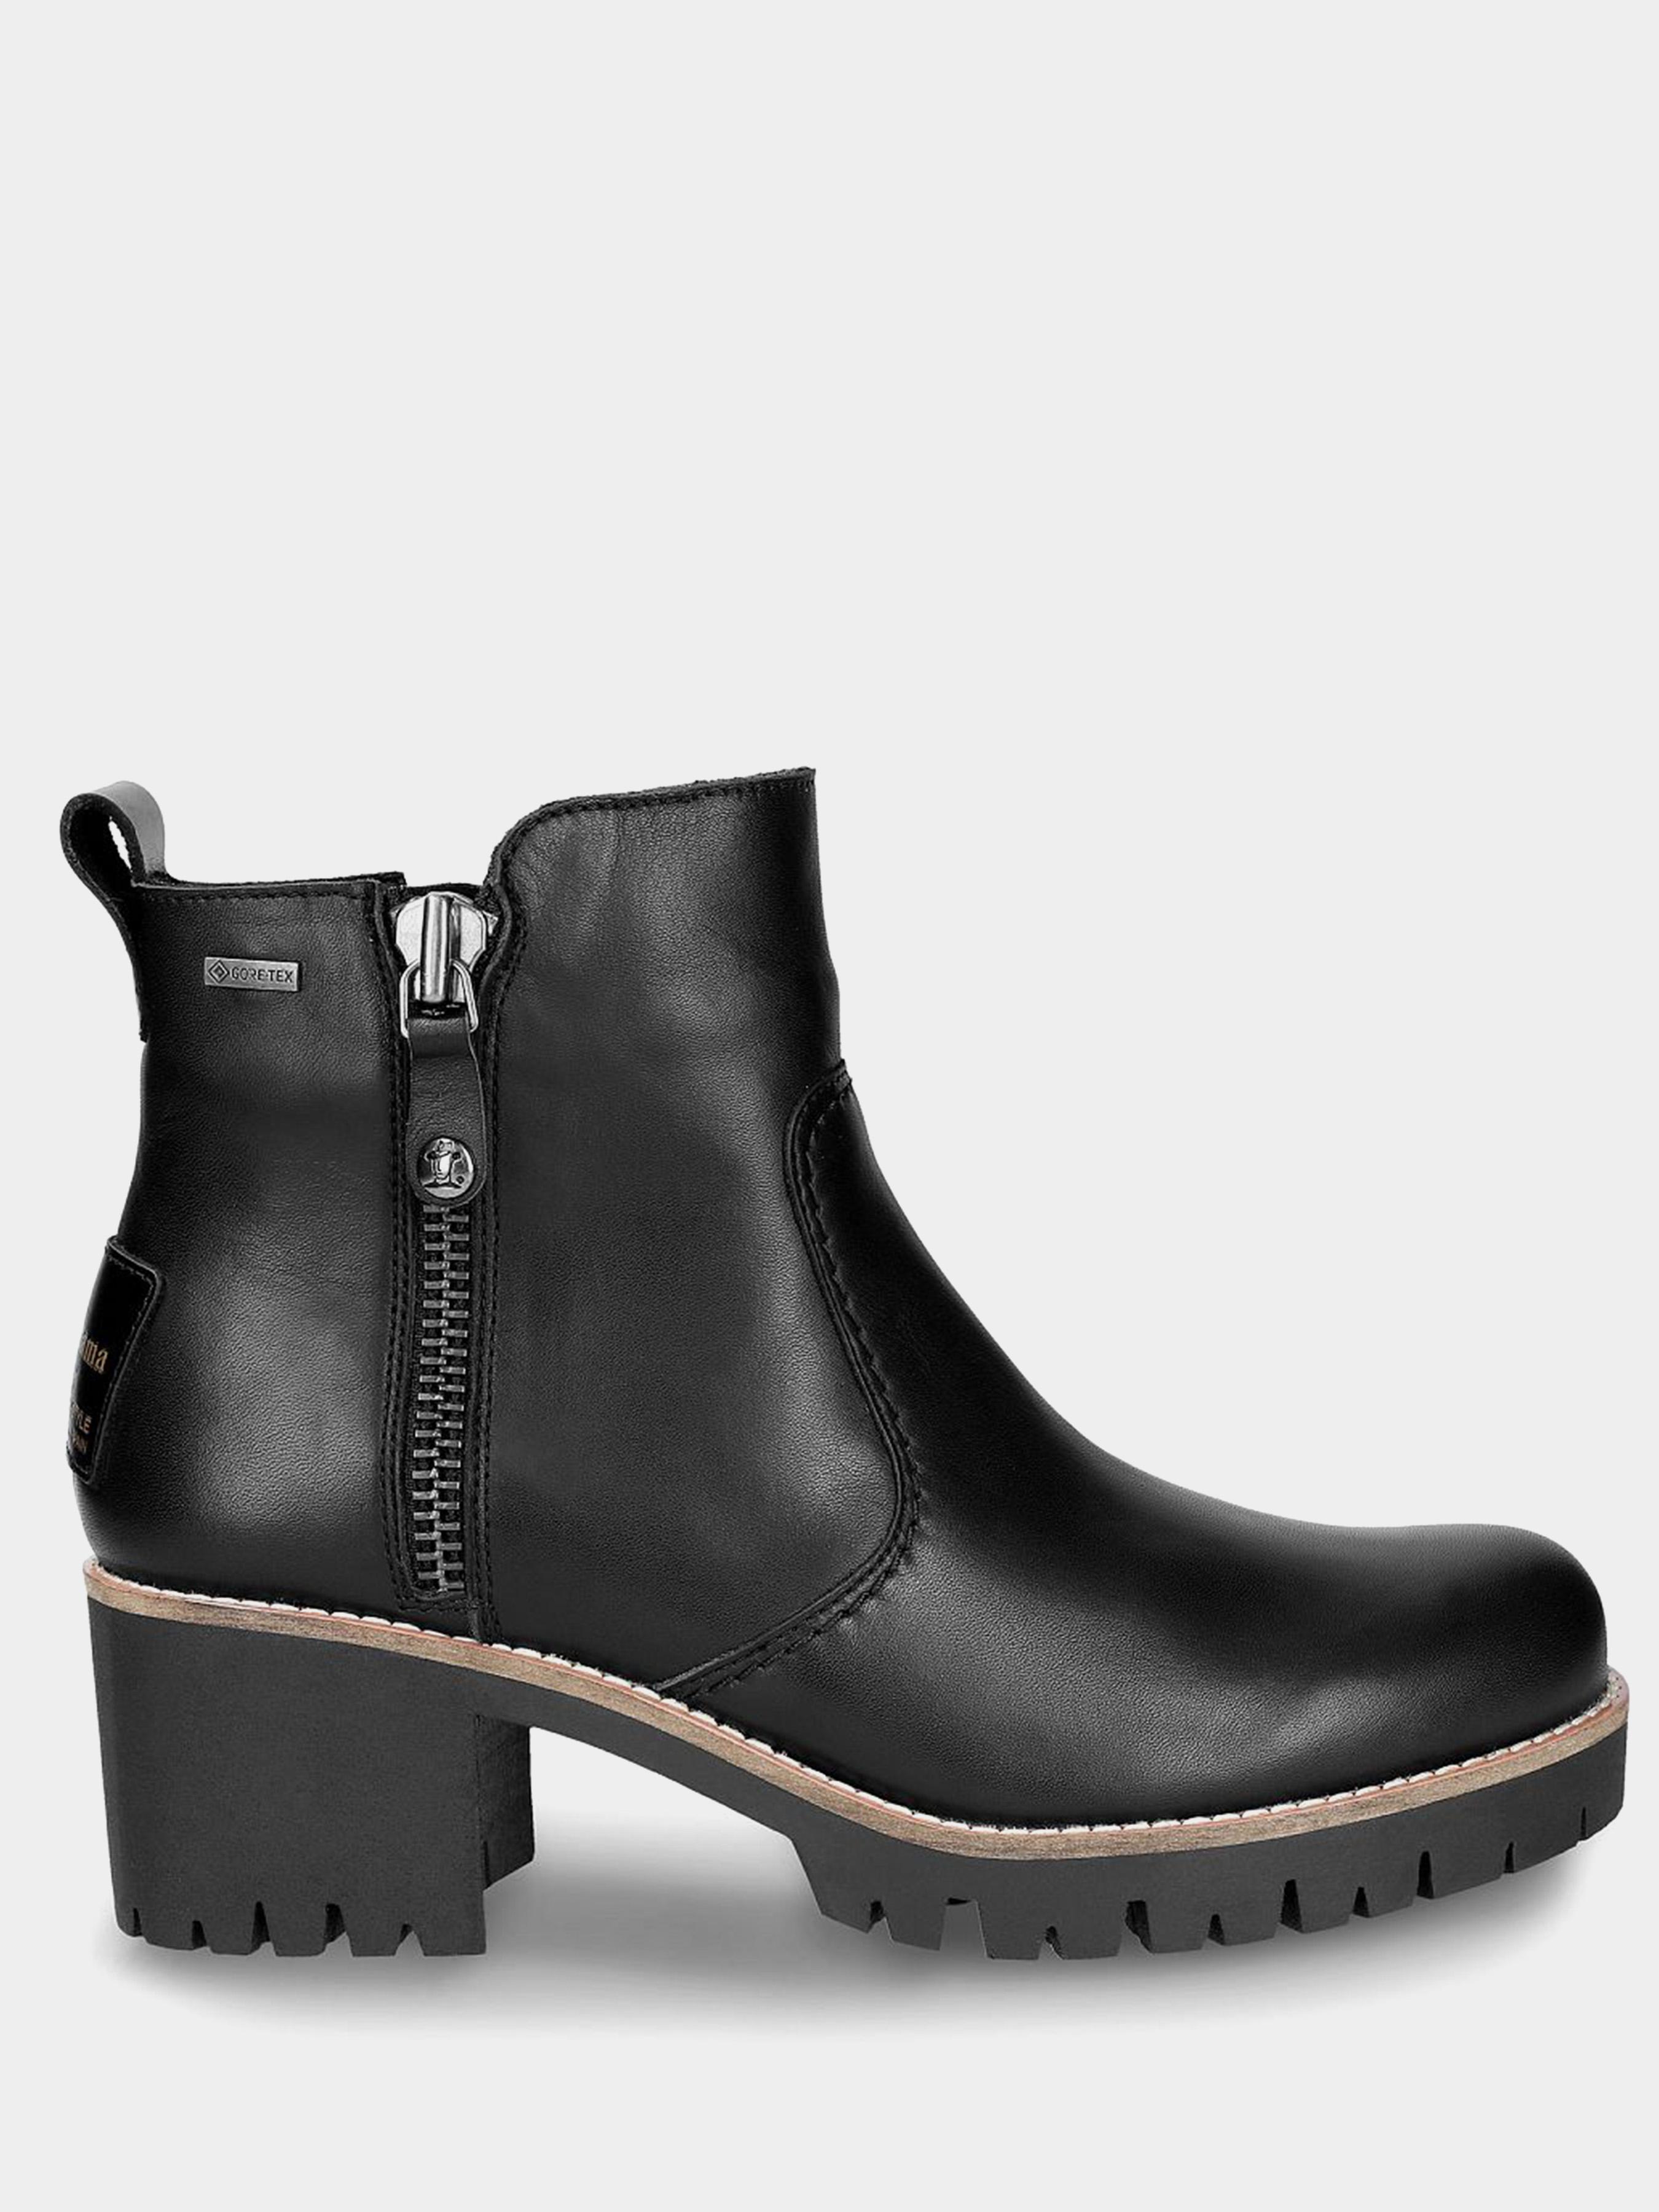 Купить Ботинки женские Panama Jack PW159, Черный